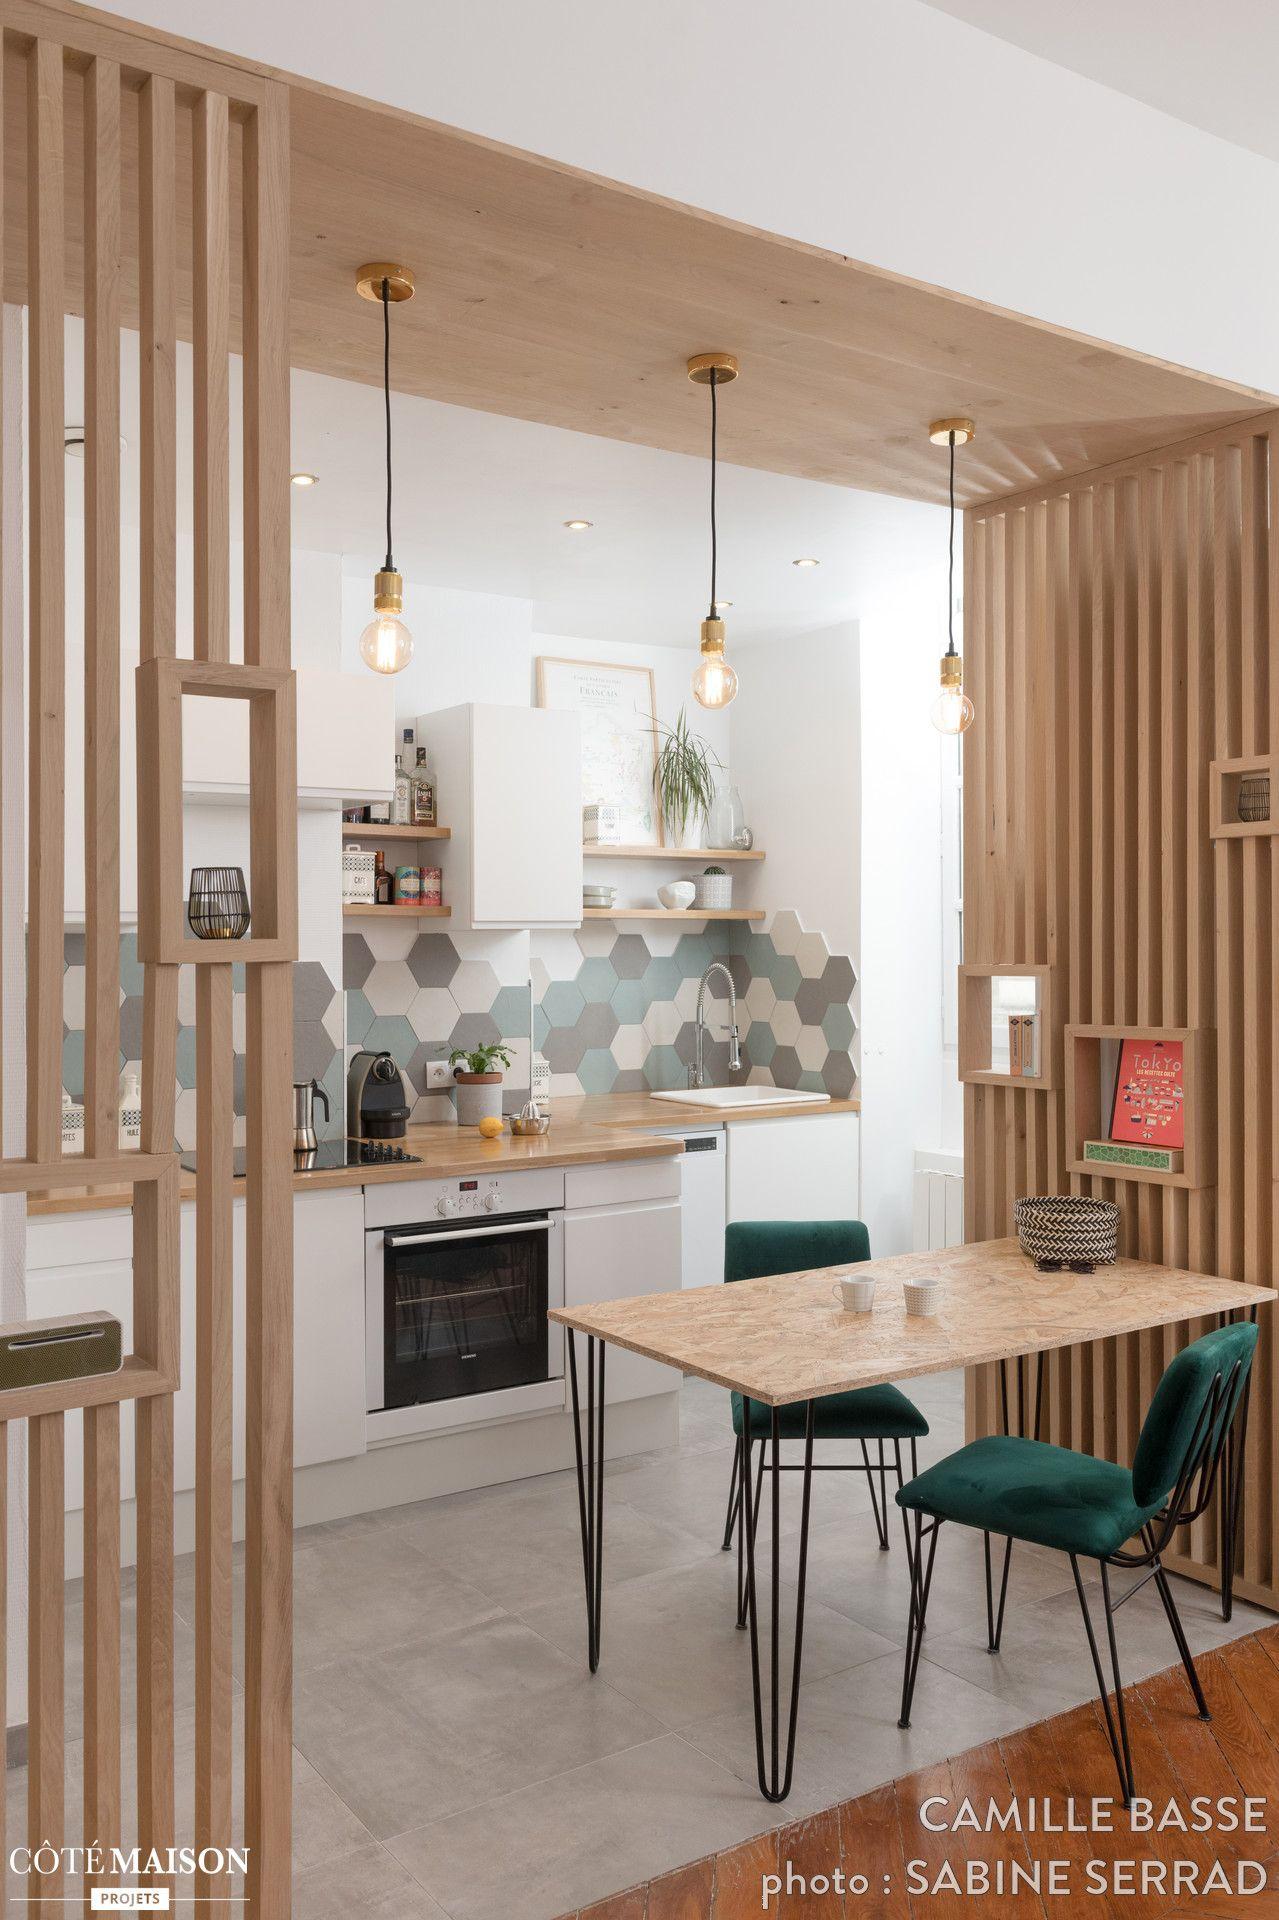 Des éléments En Bois Clair Structurent L'espace Cuisine